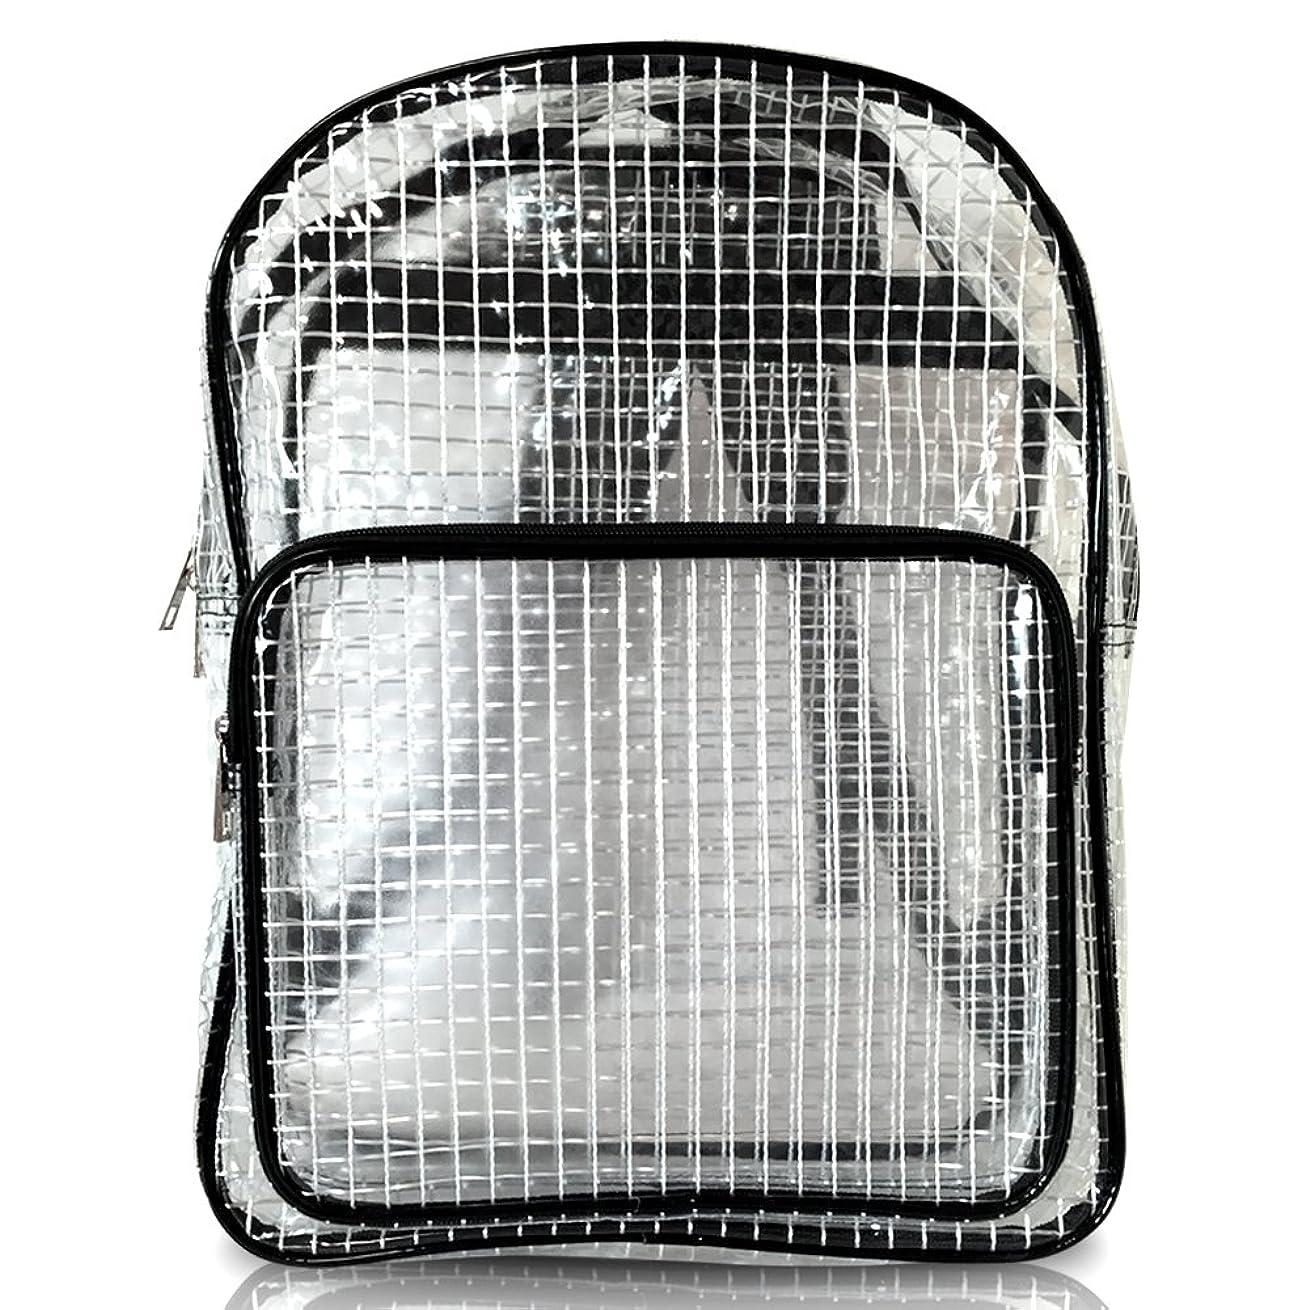 過敏なフィードオンターゲットRodinny poklad エンジニアバッグ リュック 帯電 静電気 防止 クリーンルーム A4 サイズ 透明